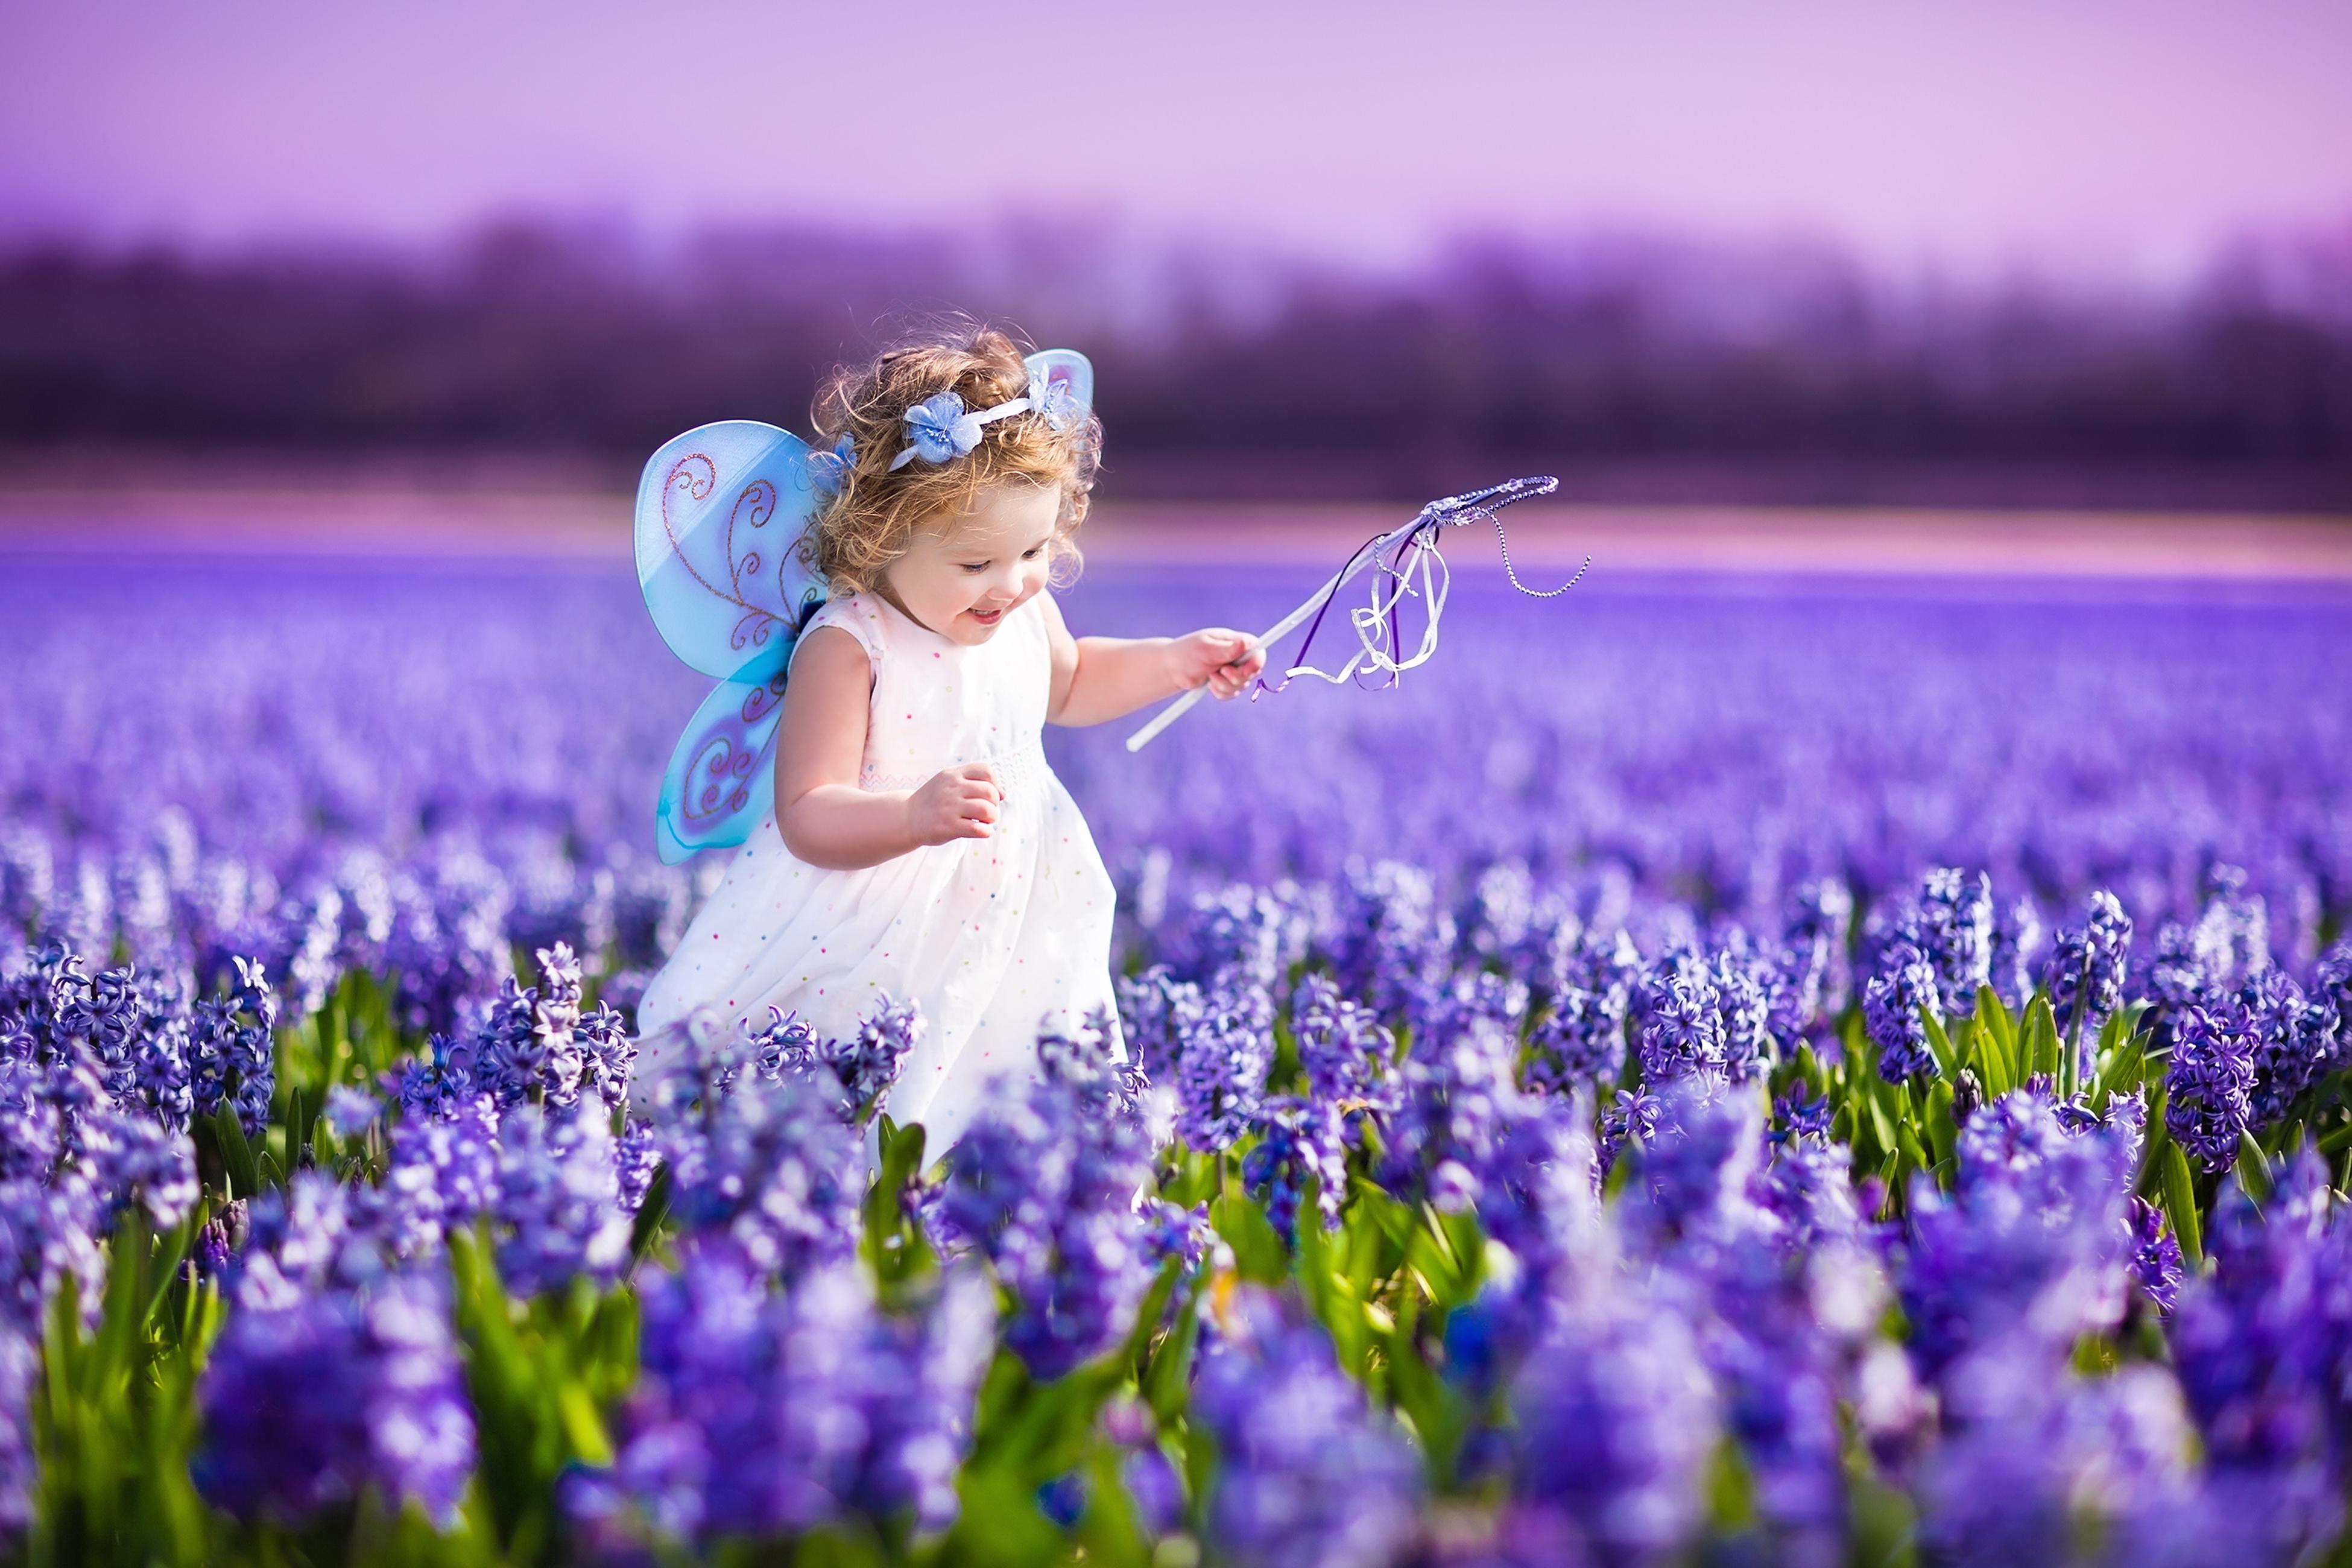 счастье маленькое и большое картинки таком варианте